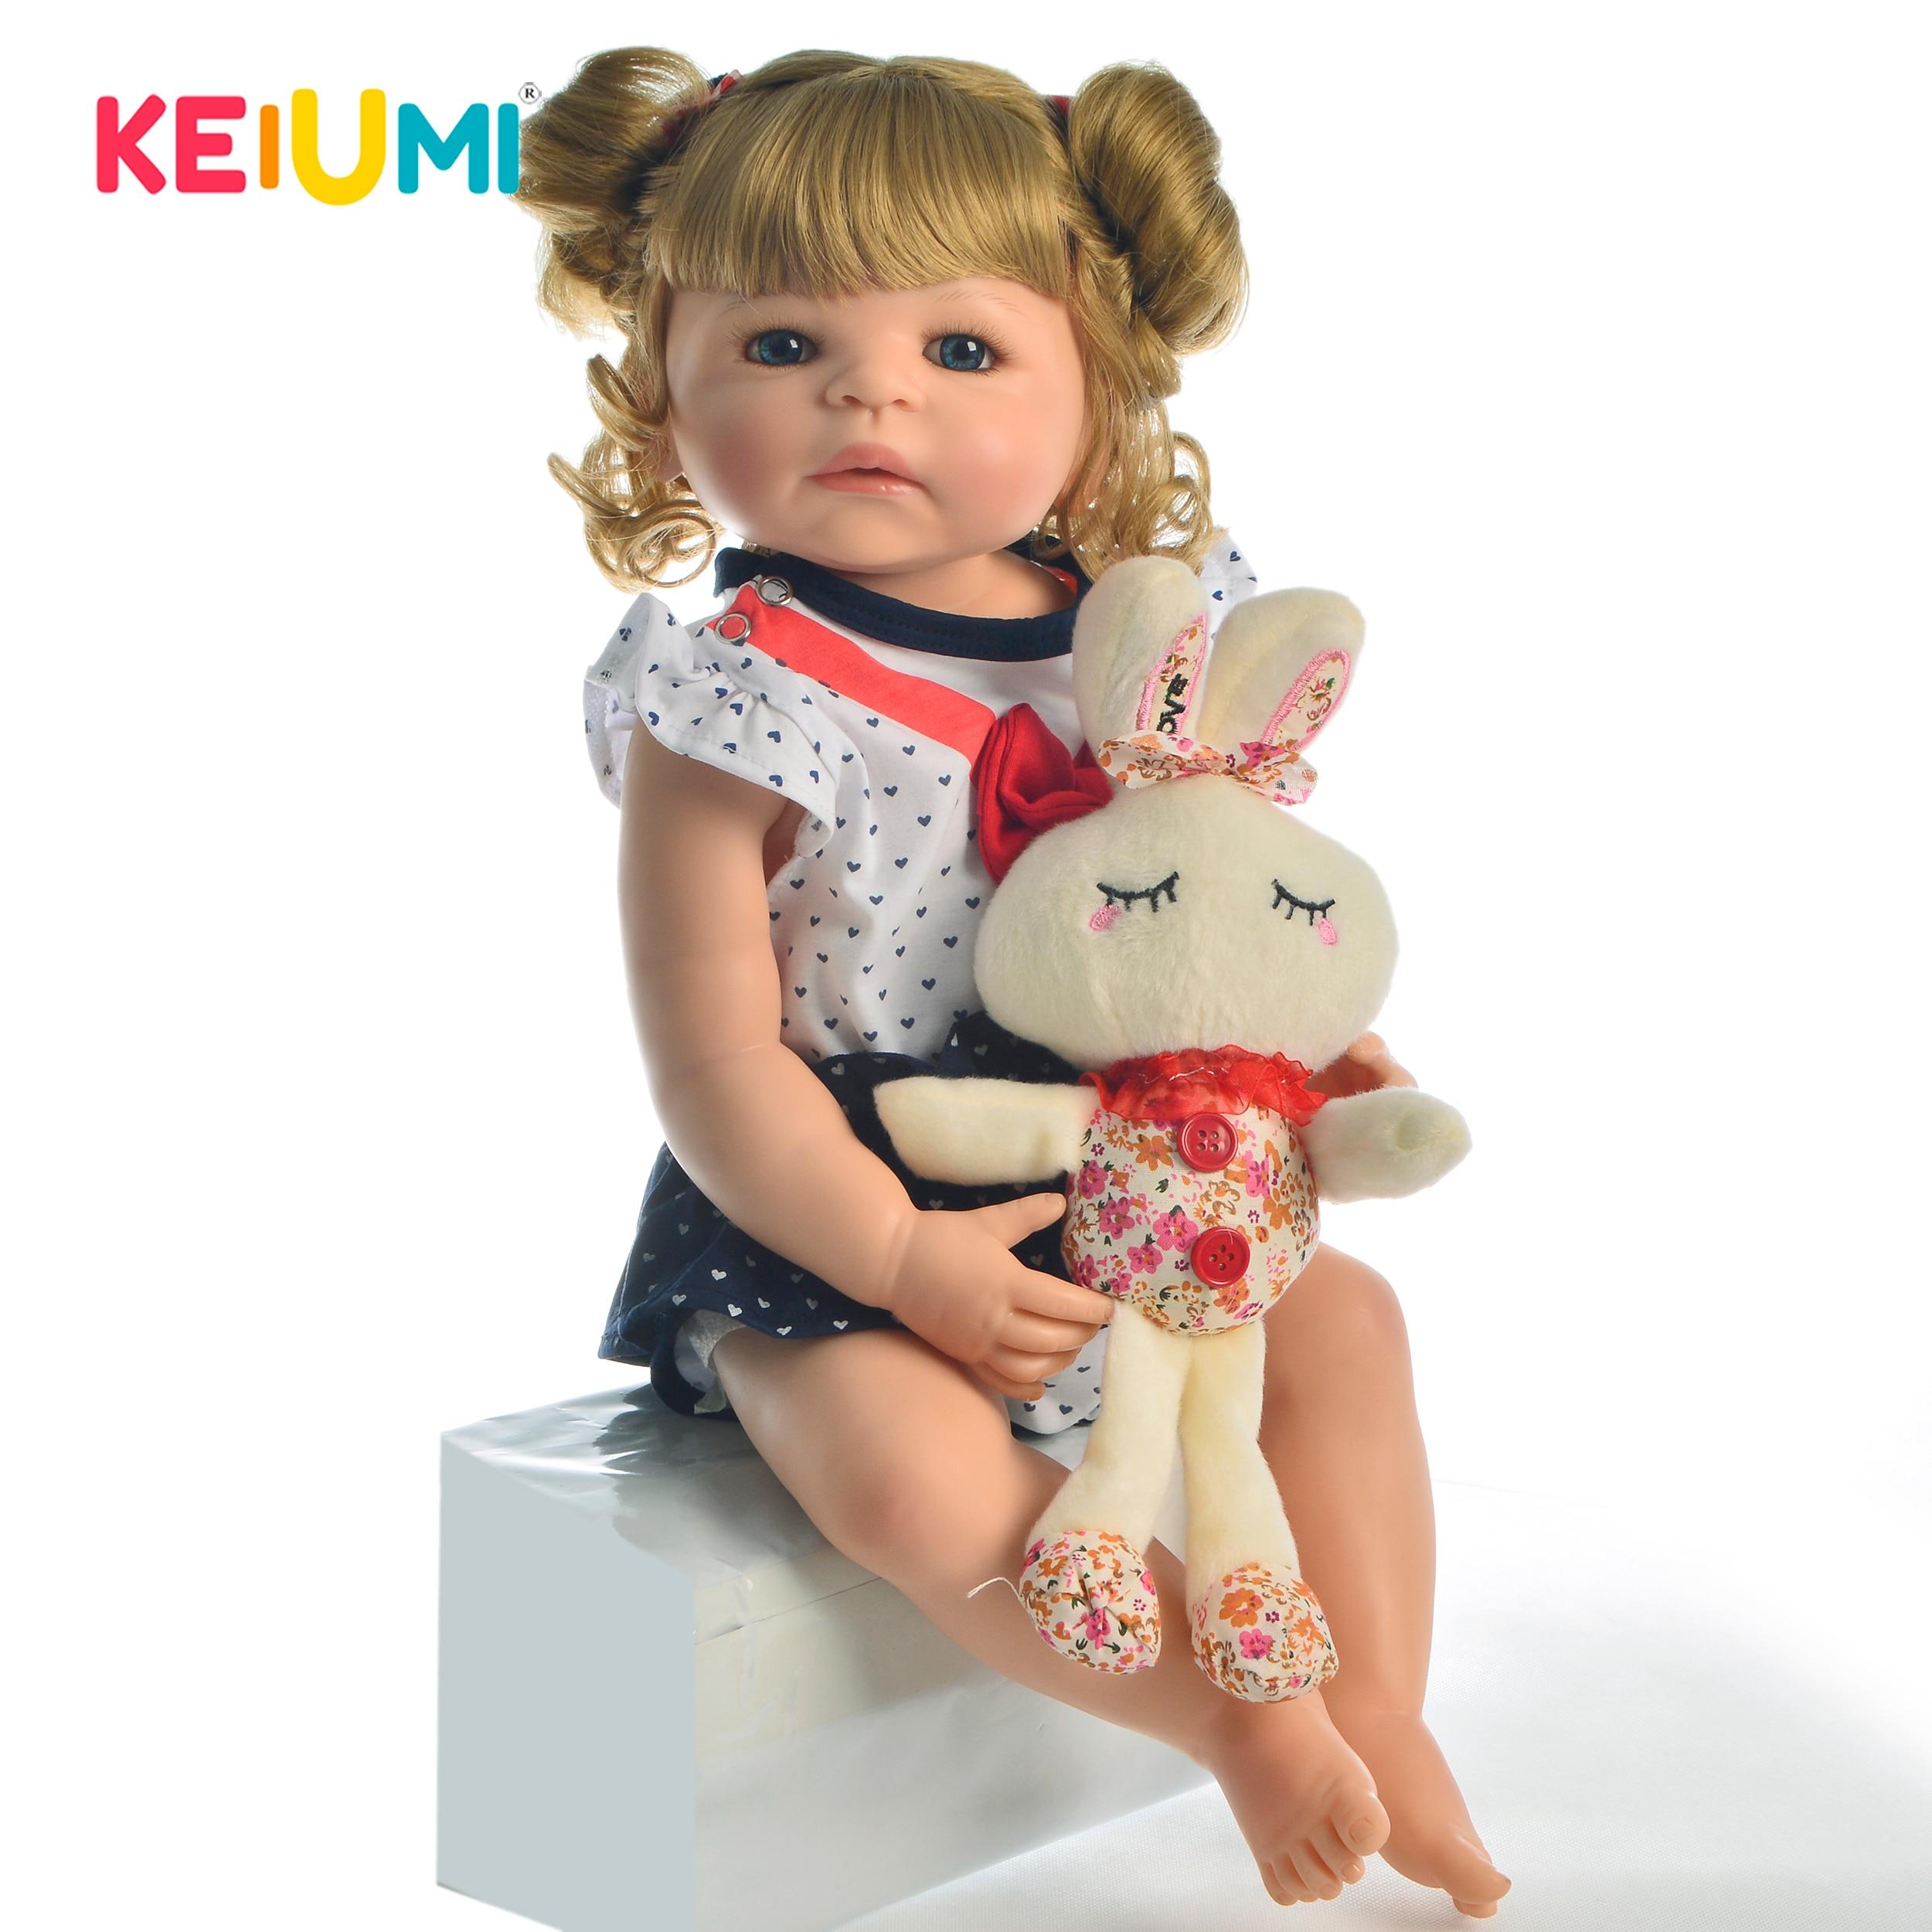 KEIUMI ホット販売リボーンドールリアルフルシリコーン 55 センチメートル本物の外観の偽赤ちゃんのおもちゃ遊びギフトクリスマス現在  グループ上の おもちゃ & ホビー からの 人形 の中 1